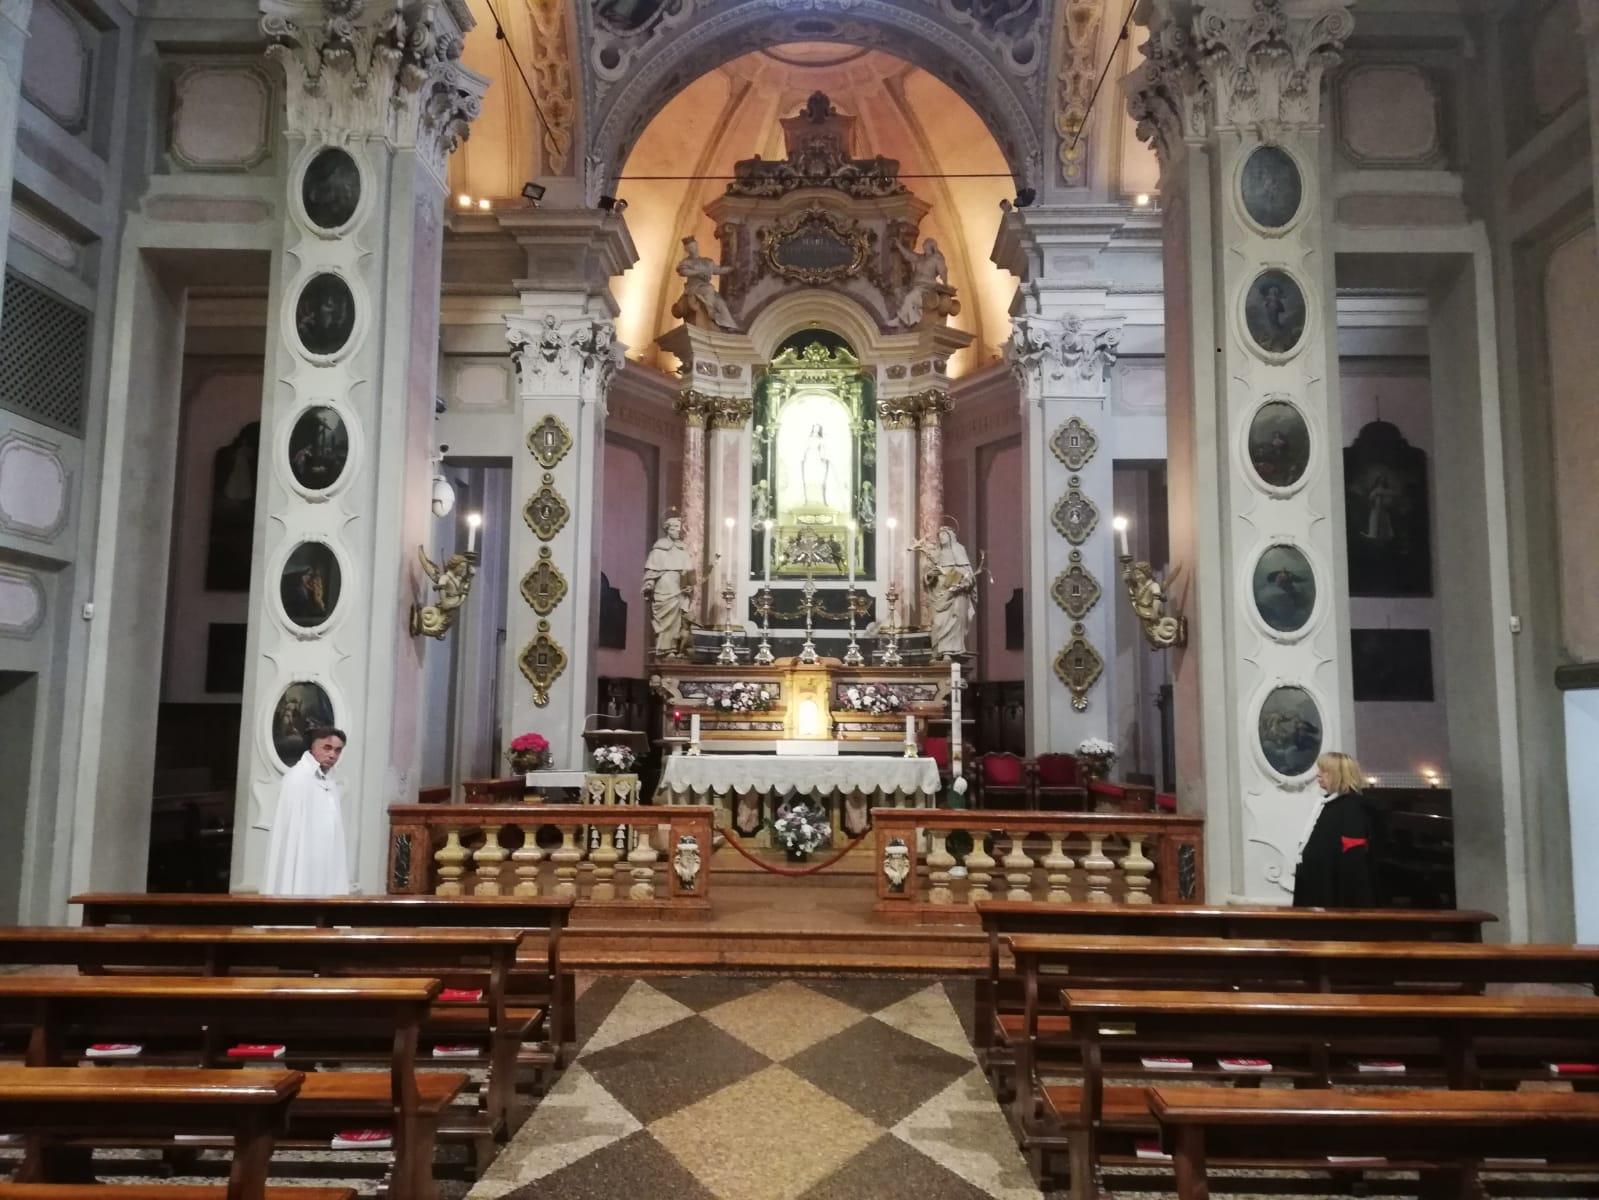 Custodia del santuario della Santa Vergine a Fontanellato (Parma)